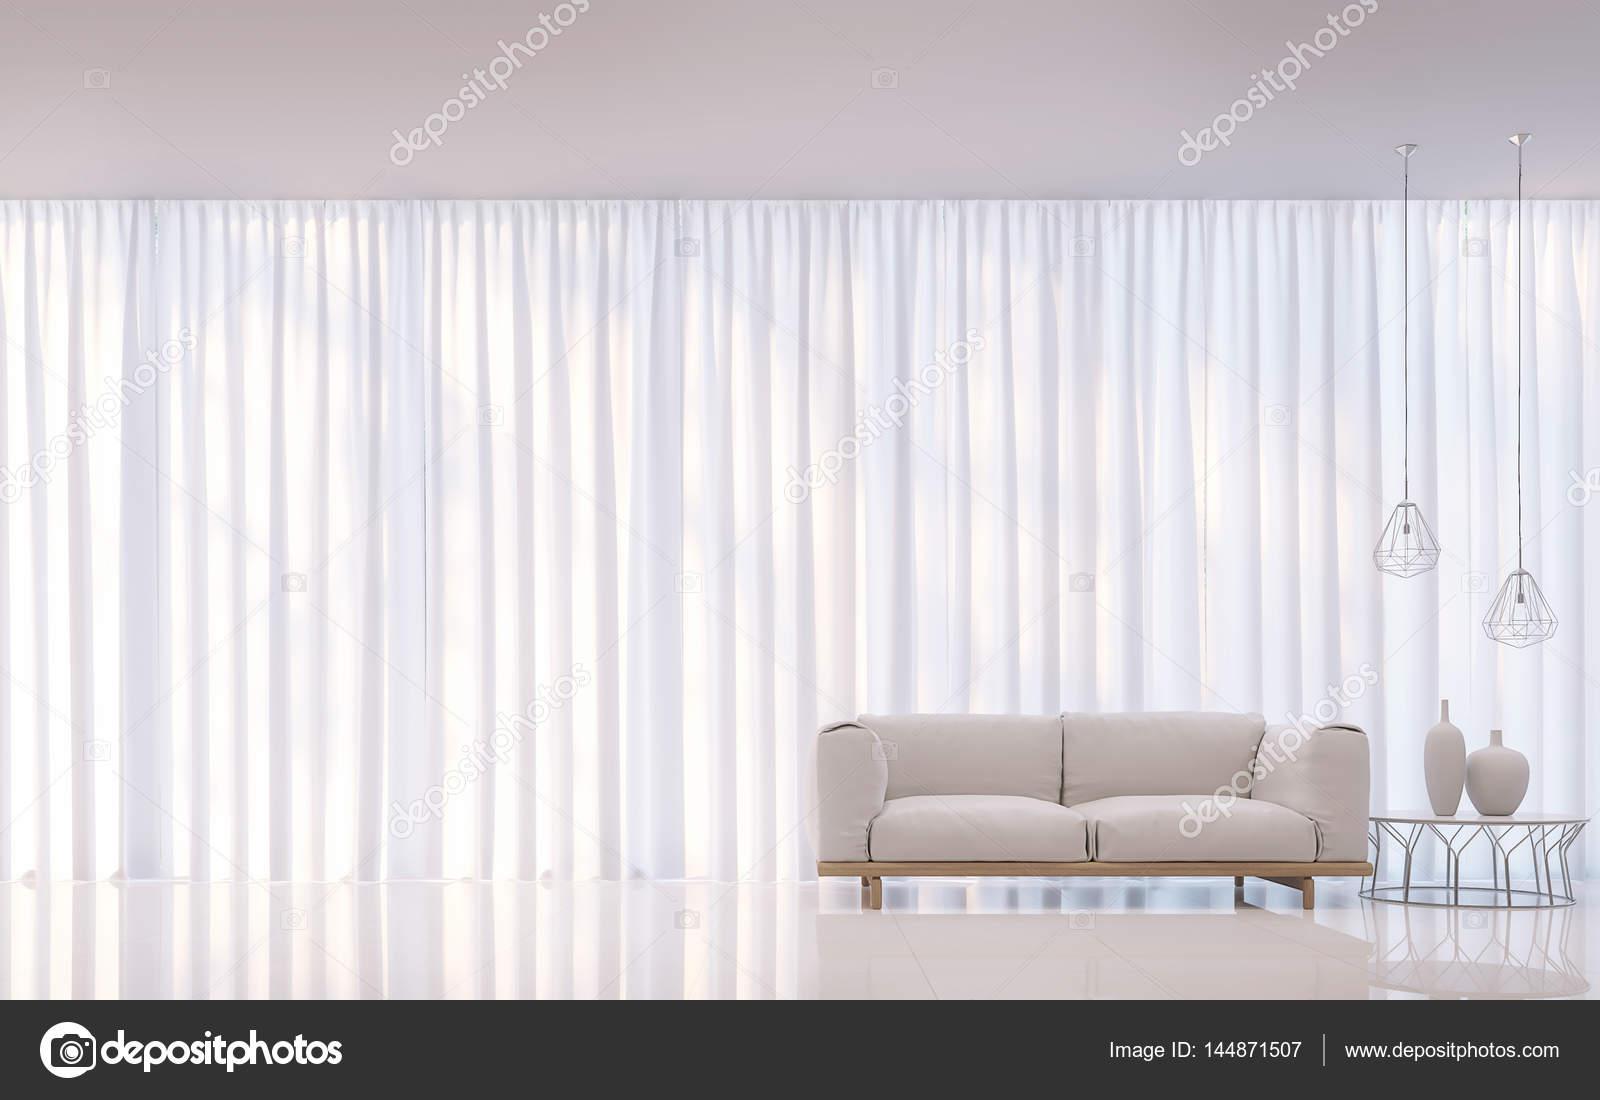 Moderne Witte Slaapkamer : Moderne witte slaapkamer minimalistische stijl d rendering